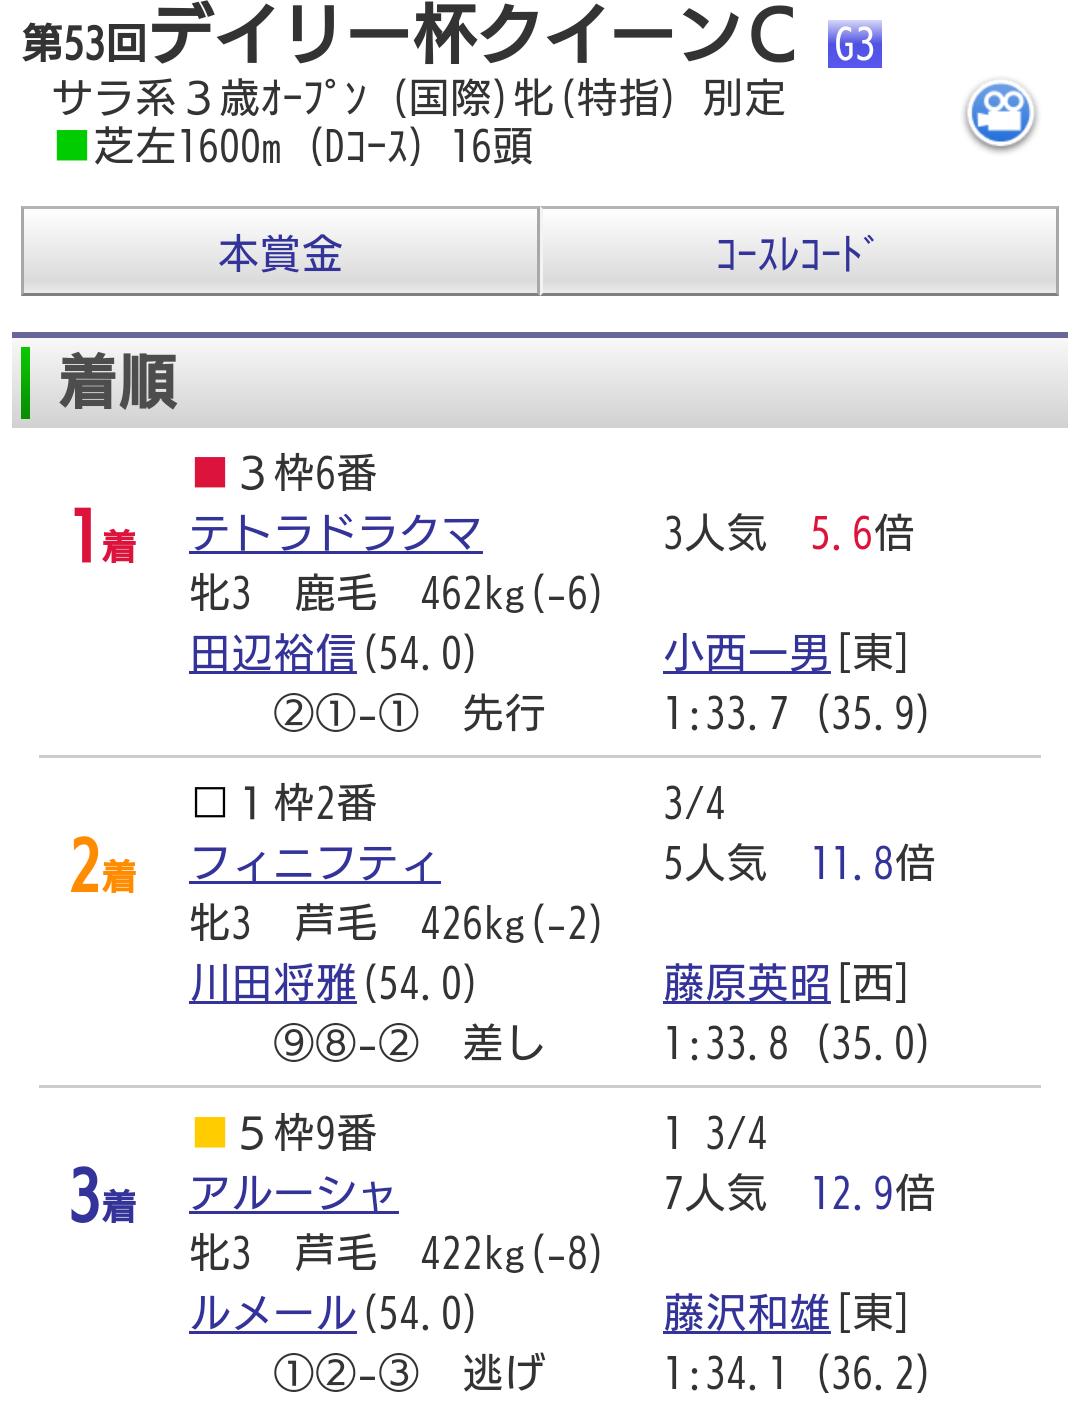 【クイーンカップ回顧】桜花賞が3頭の争いであることがほぼ決定した一戦